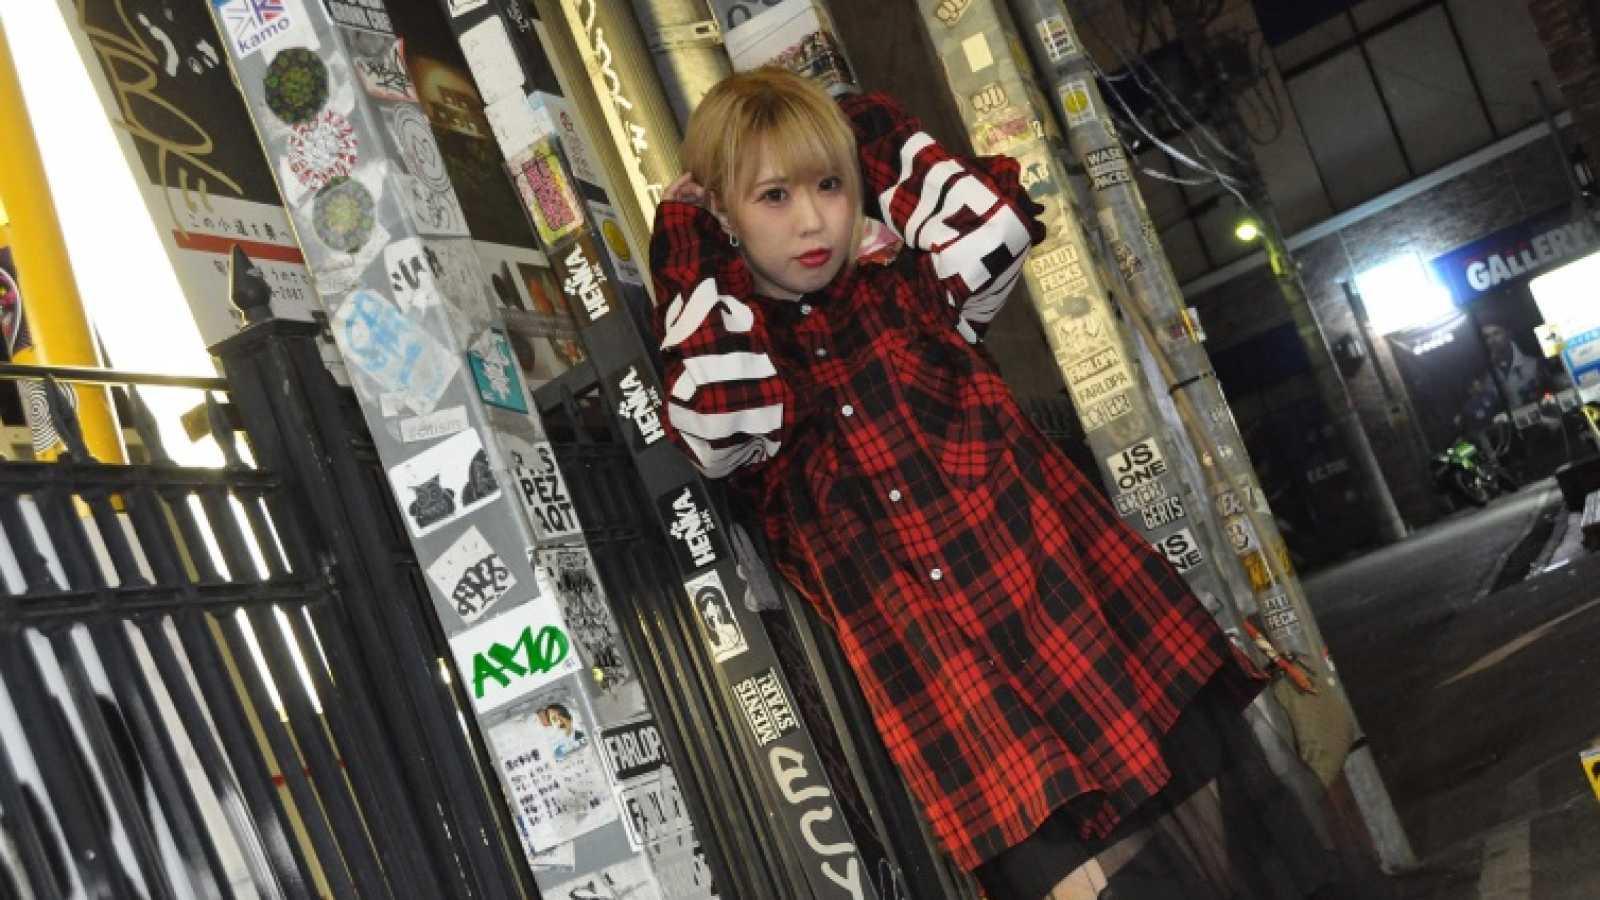 Natsumi Ishidon uuden laulun aiheena on ihastuksensa kohdetta vainoava nainen © Natsumi Ishido. All Rights Reserved.